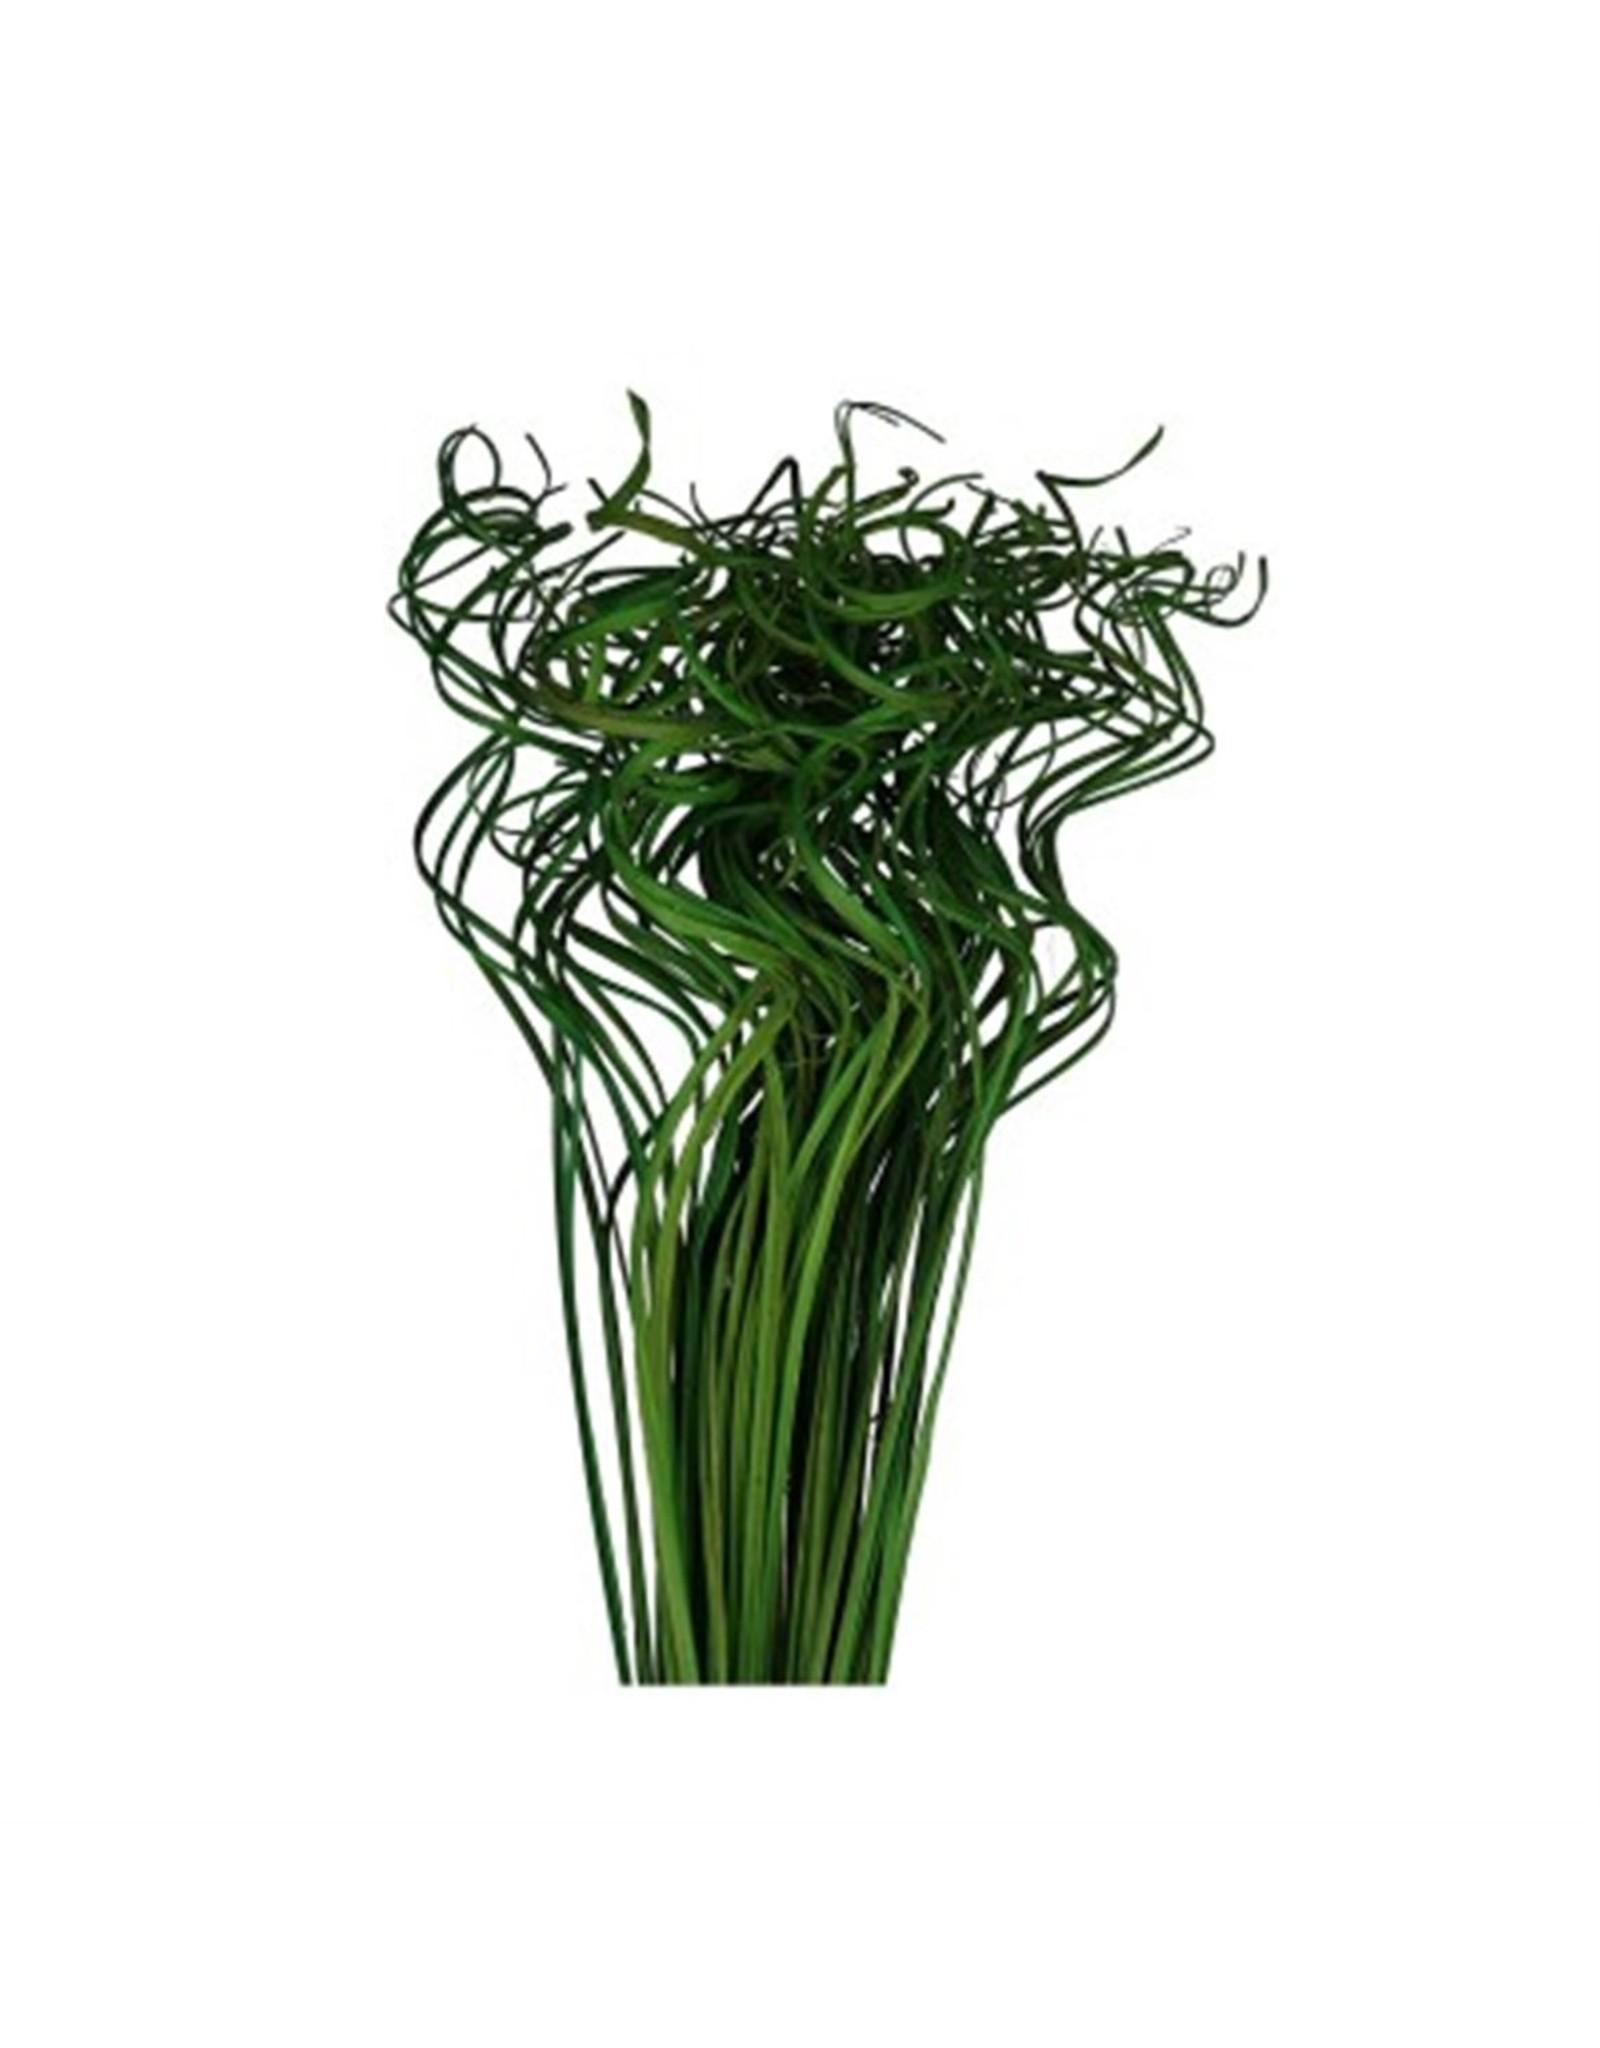 HD Bündel Curly Ting Ting 200gr L70.0 (x 40)